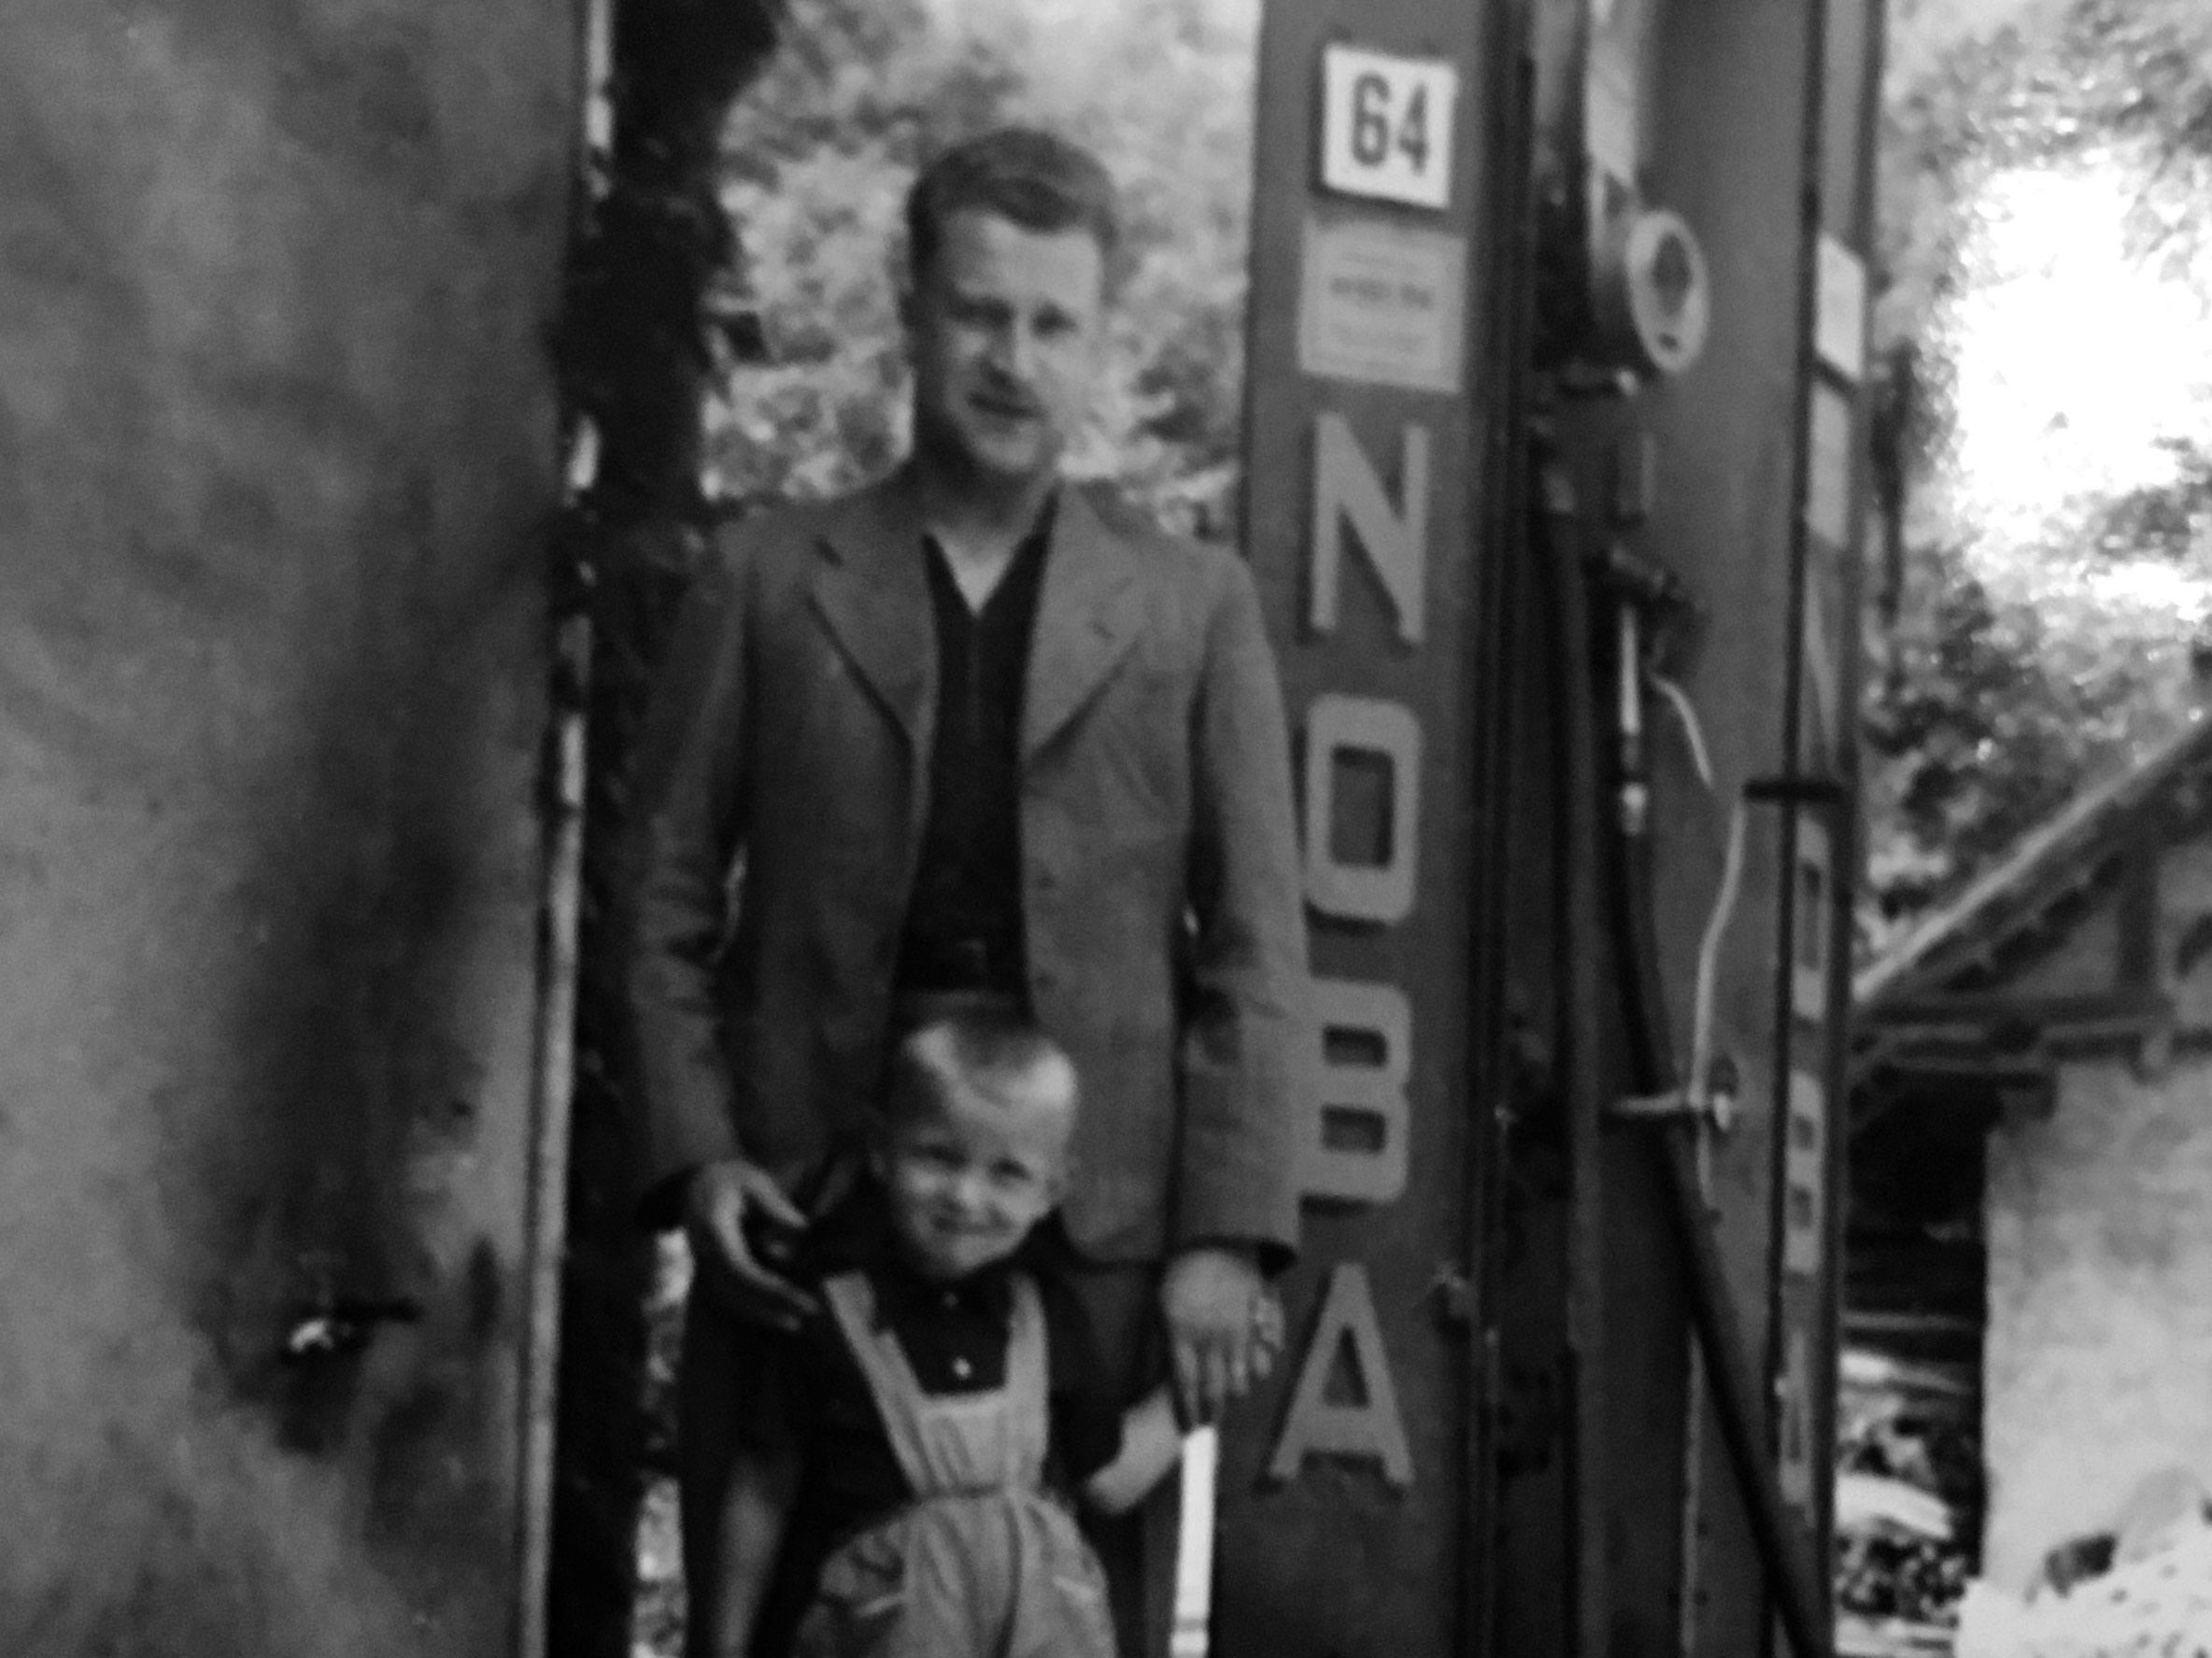 Fredy senior und junior vor Tanksäule